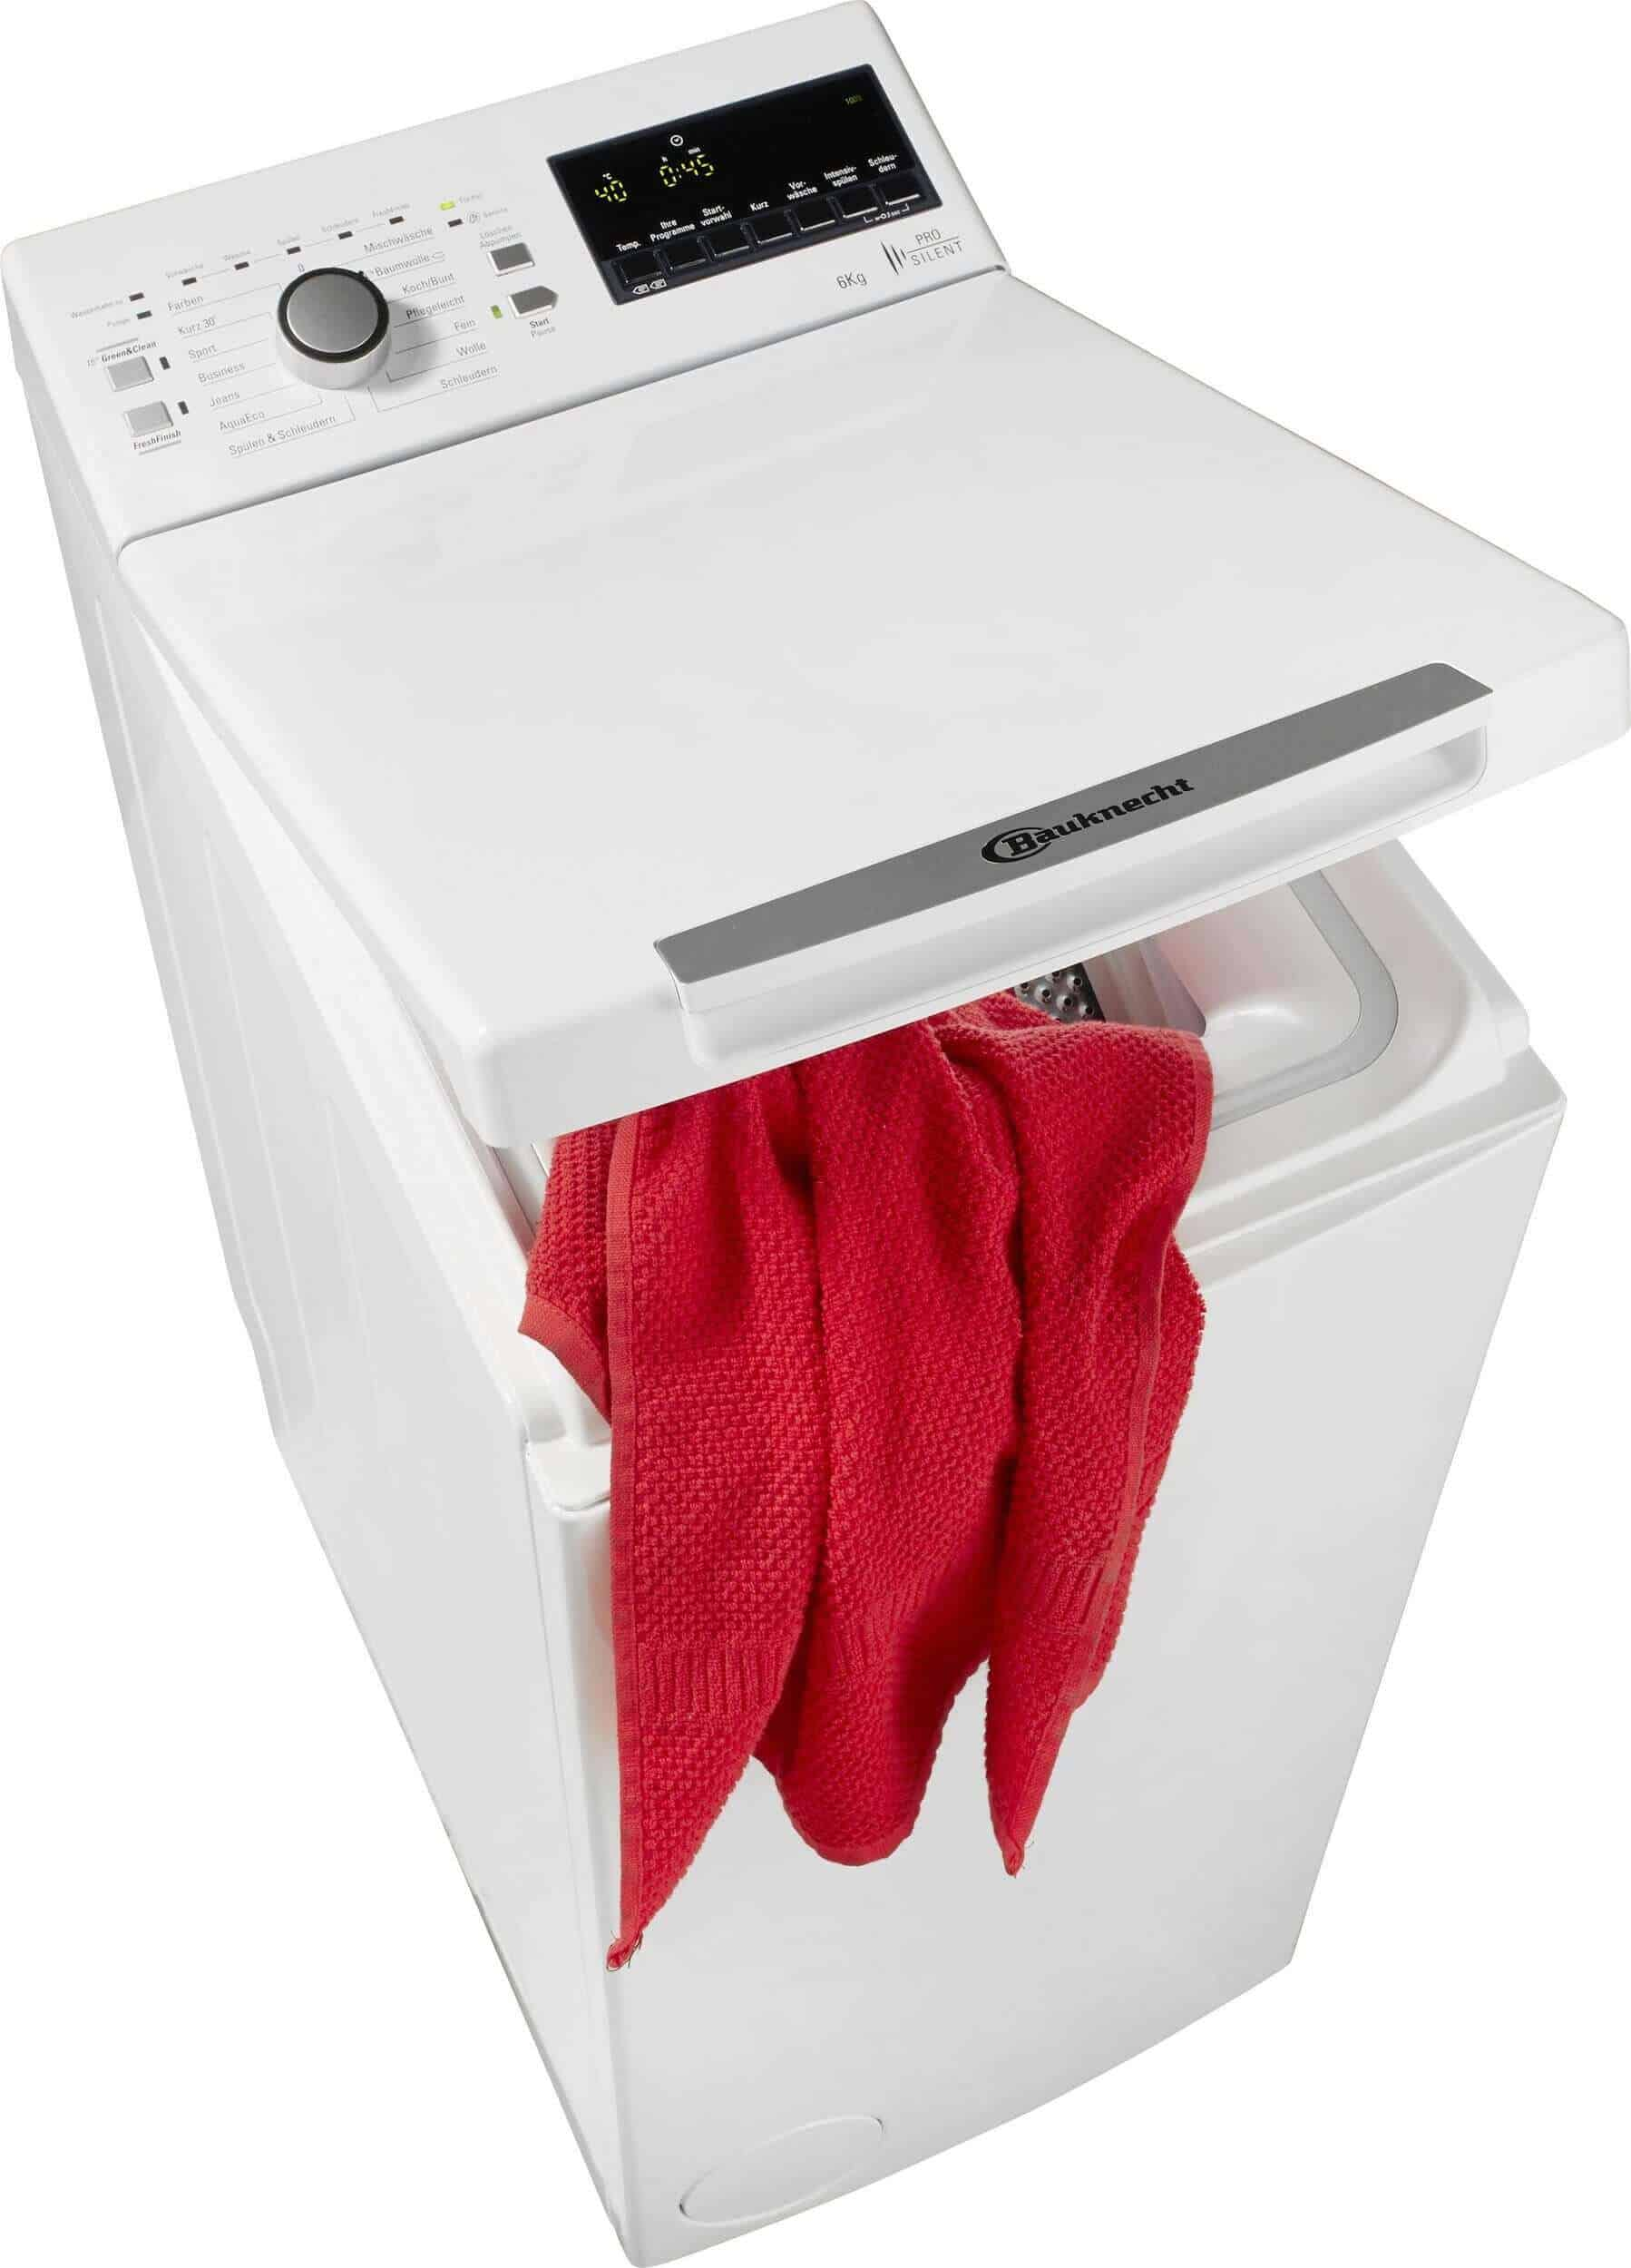 Bauknecht Wat Prime 652 P Bauknecht Toplader Waschmaschines